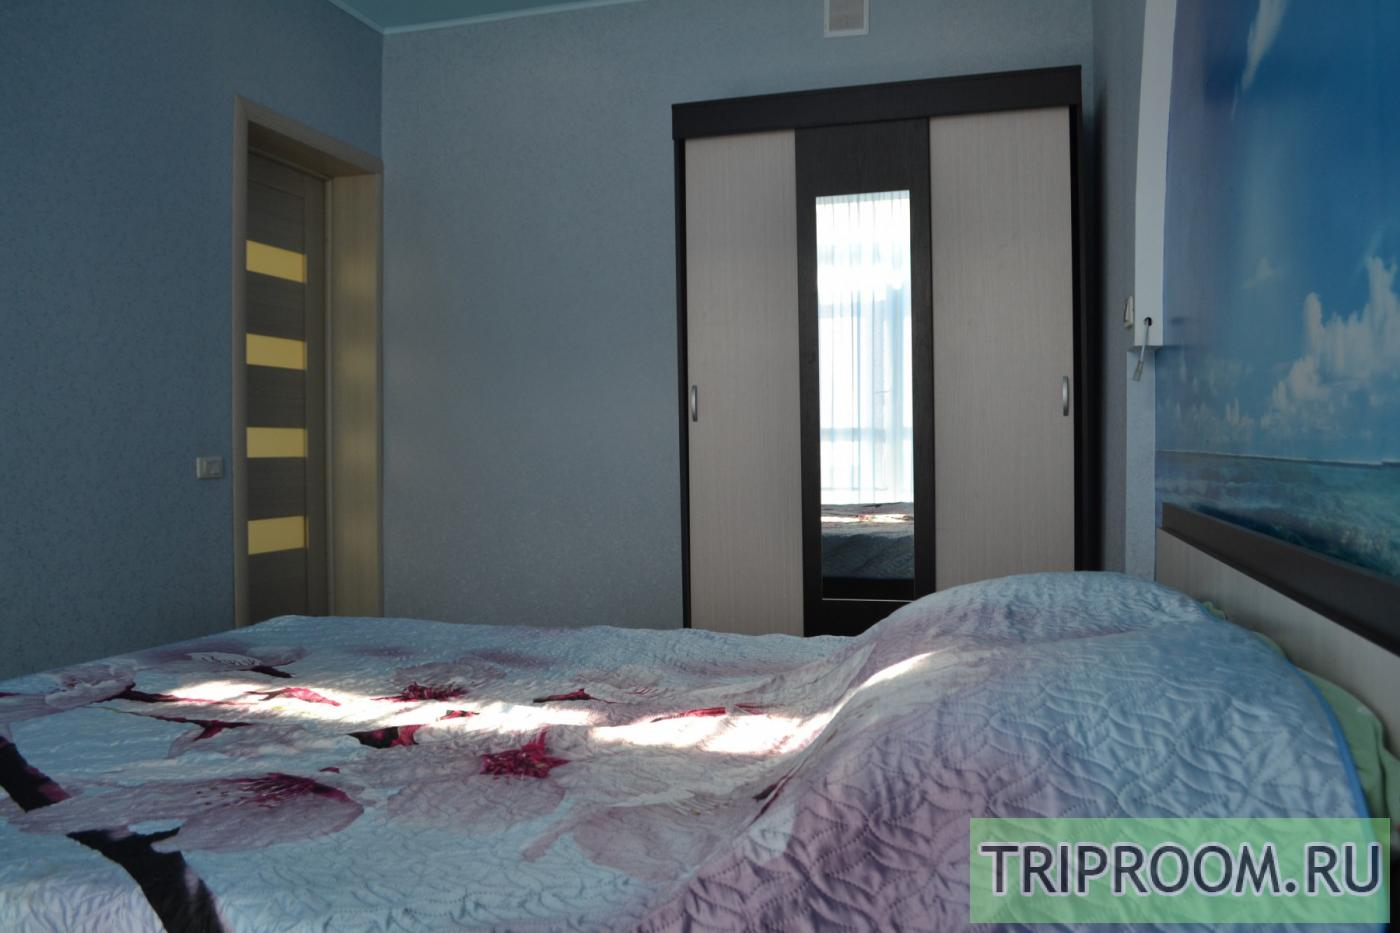 2-комнатная квартира посуточно (вариант № 33882), ул. Тимирязева улица, фото № 2